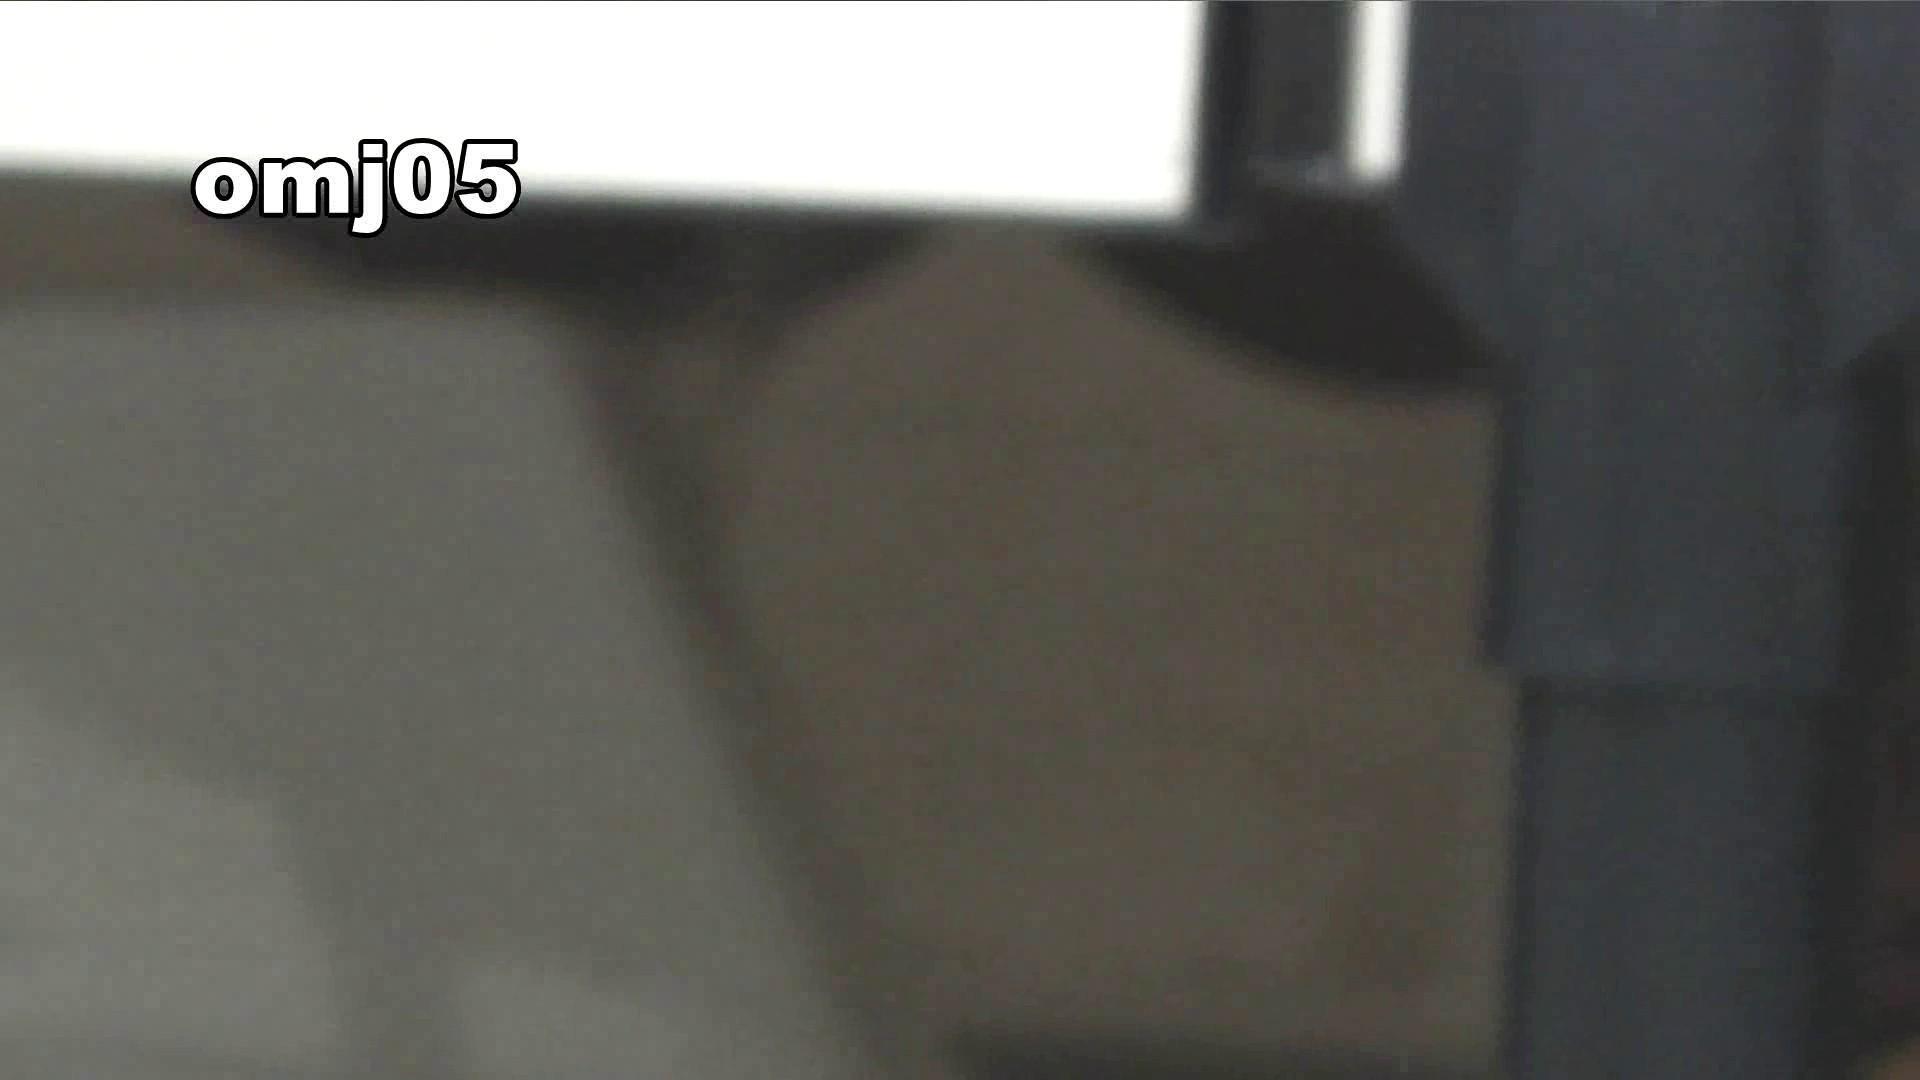 お市さんの「お尻丸出しジャンボリー」 No.5 ∑(゚Д゚)ヒェ~ッ!壁ドン!! 洗面所シーン セックス画像 35画像 16